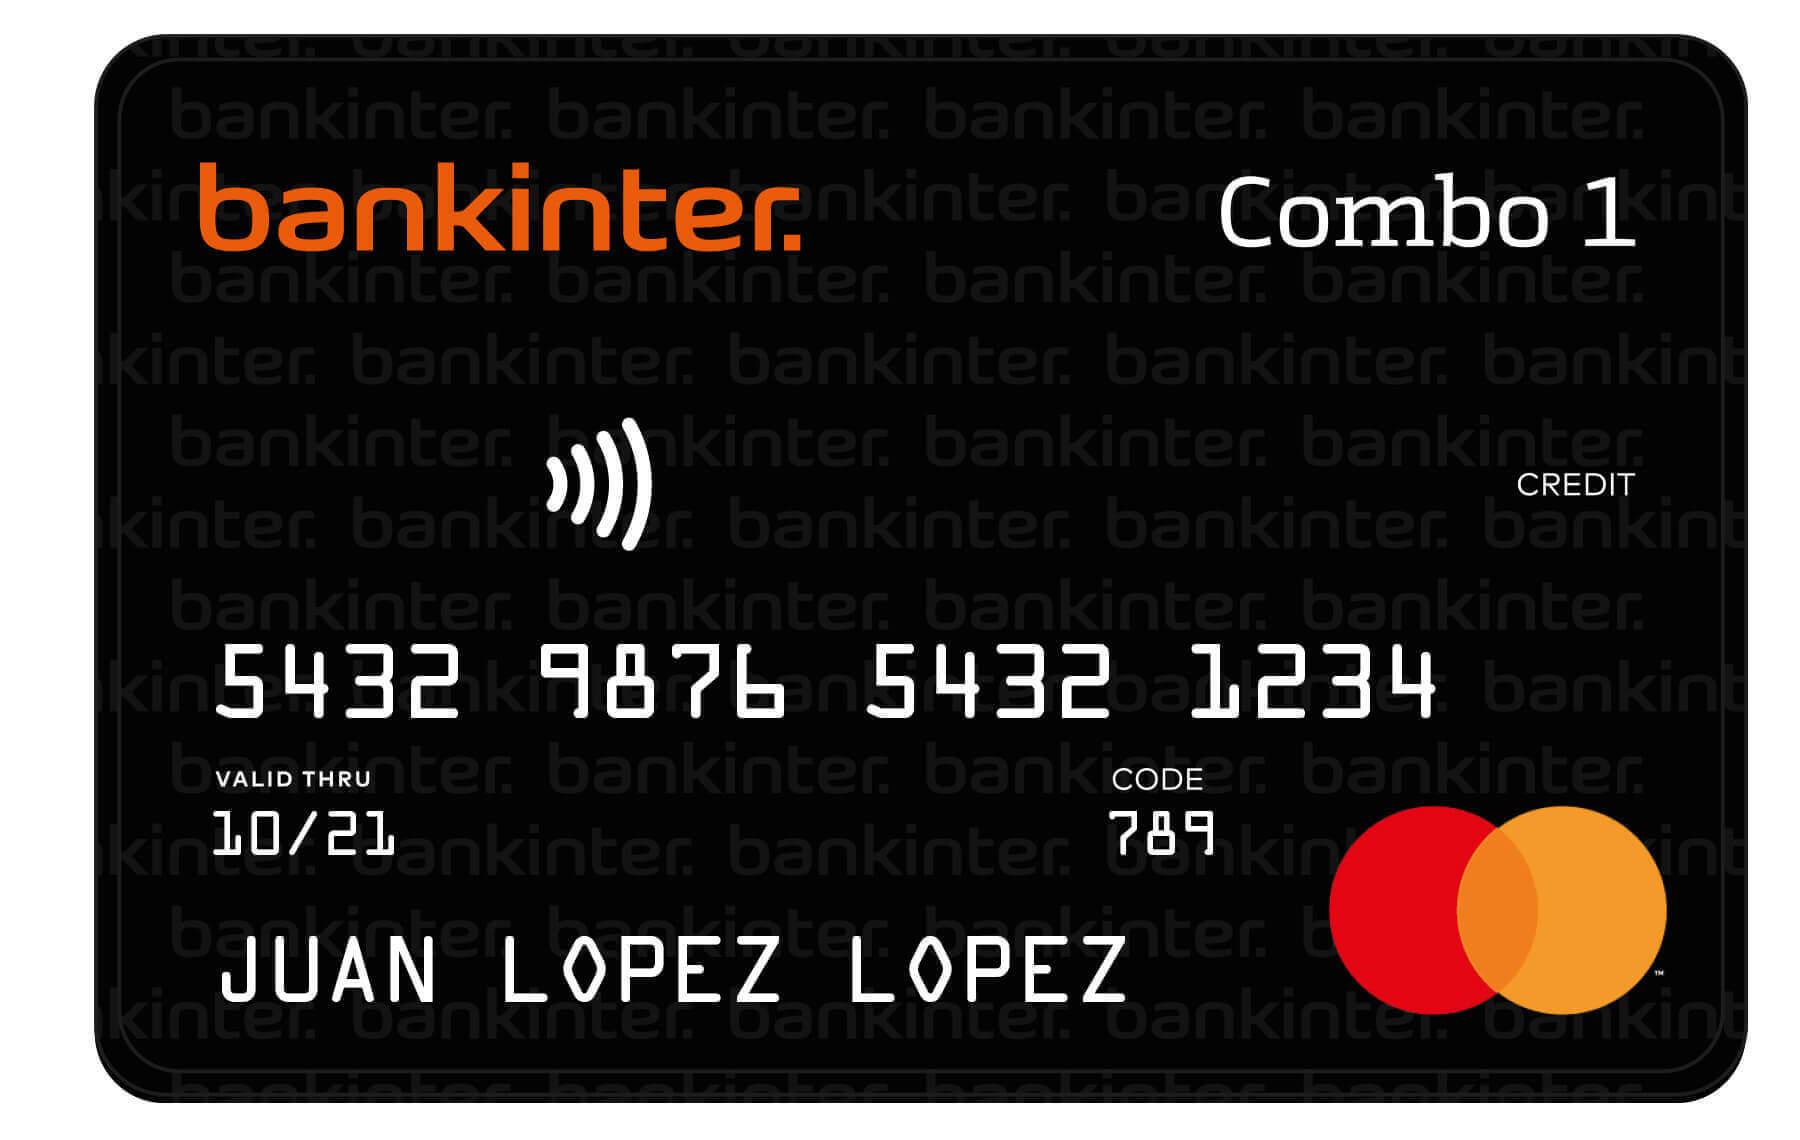 Descubra las Ventajas de las Tarjetas de Crédito Bankinter